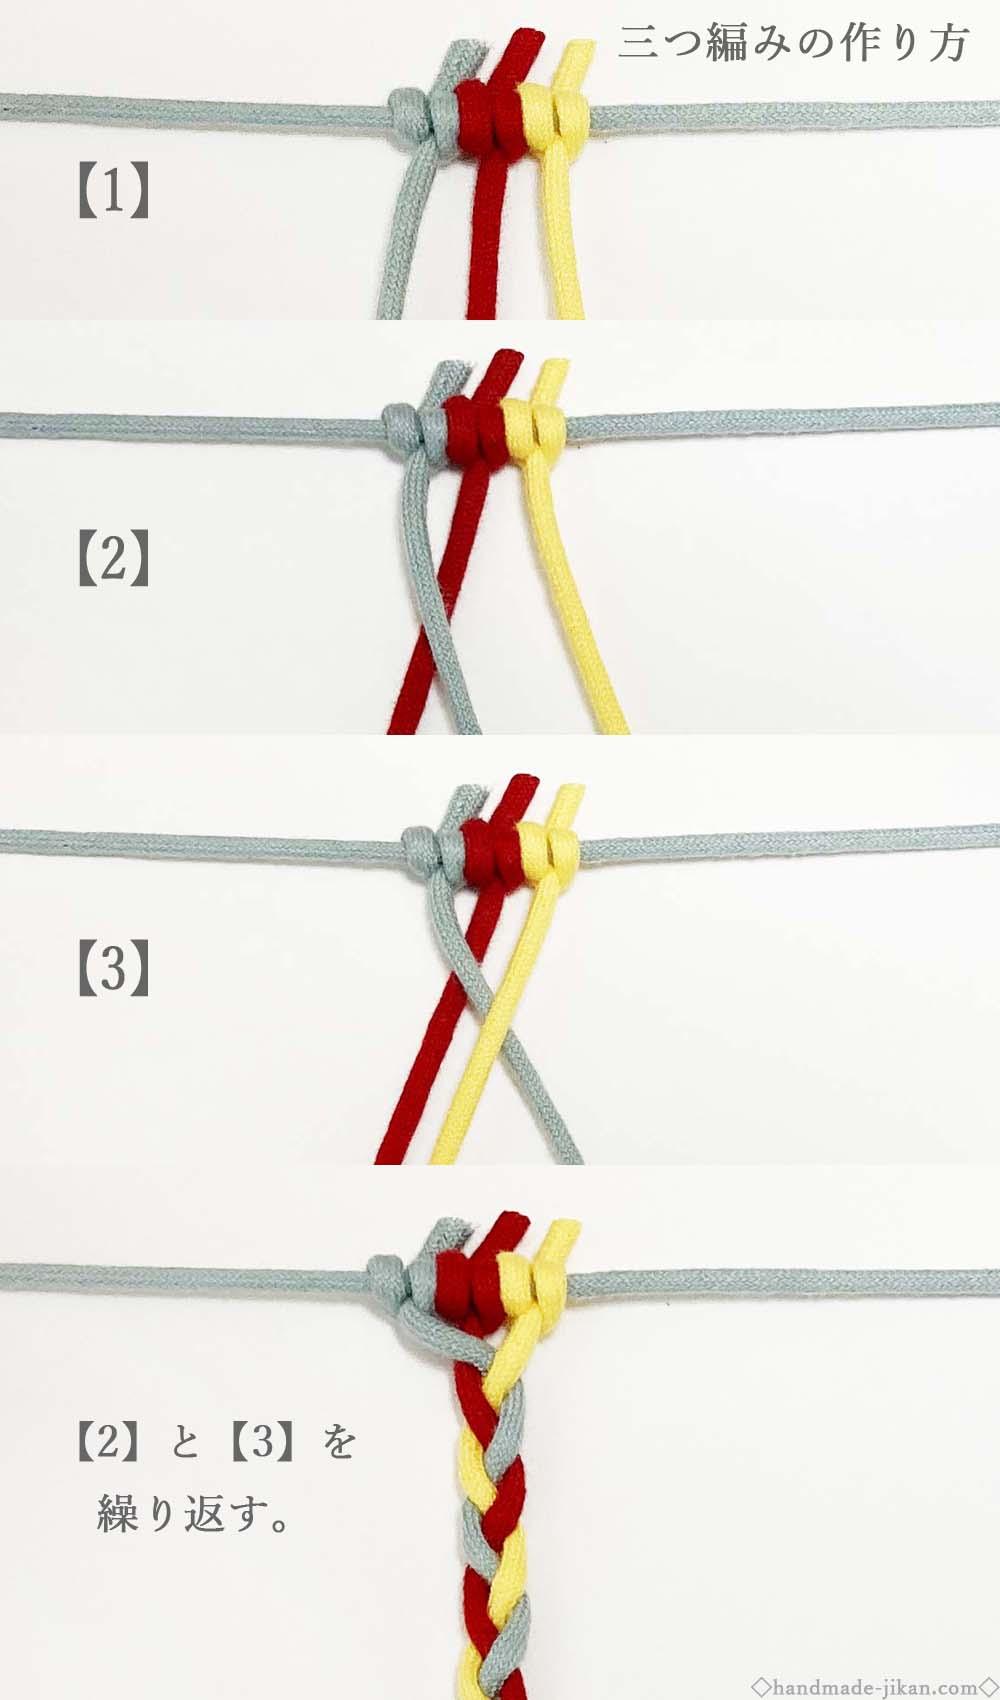 三つ編みの作り方